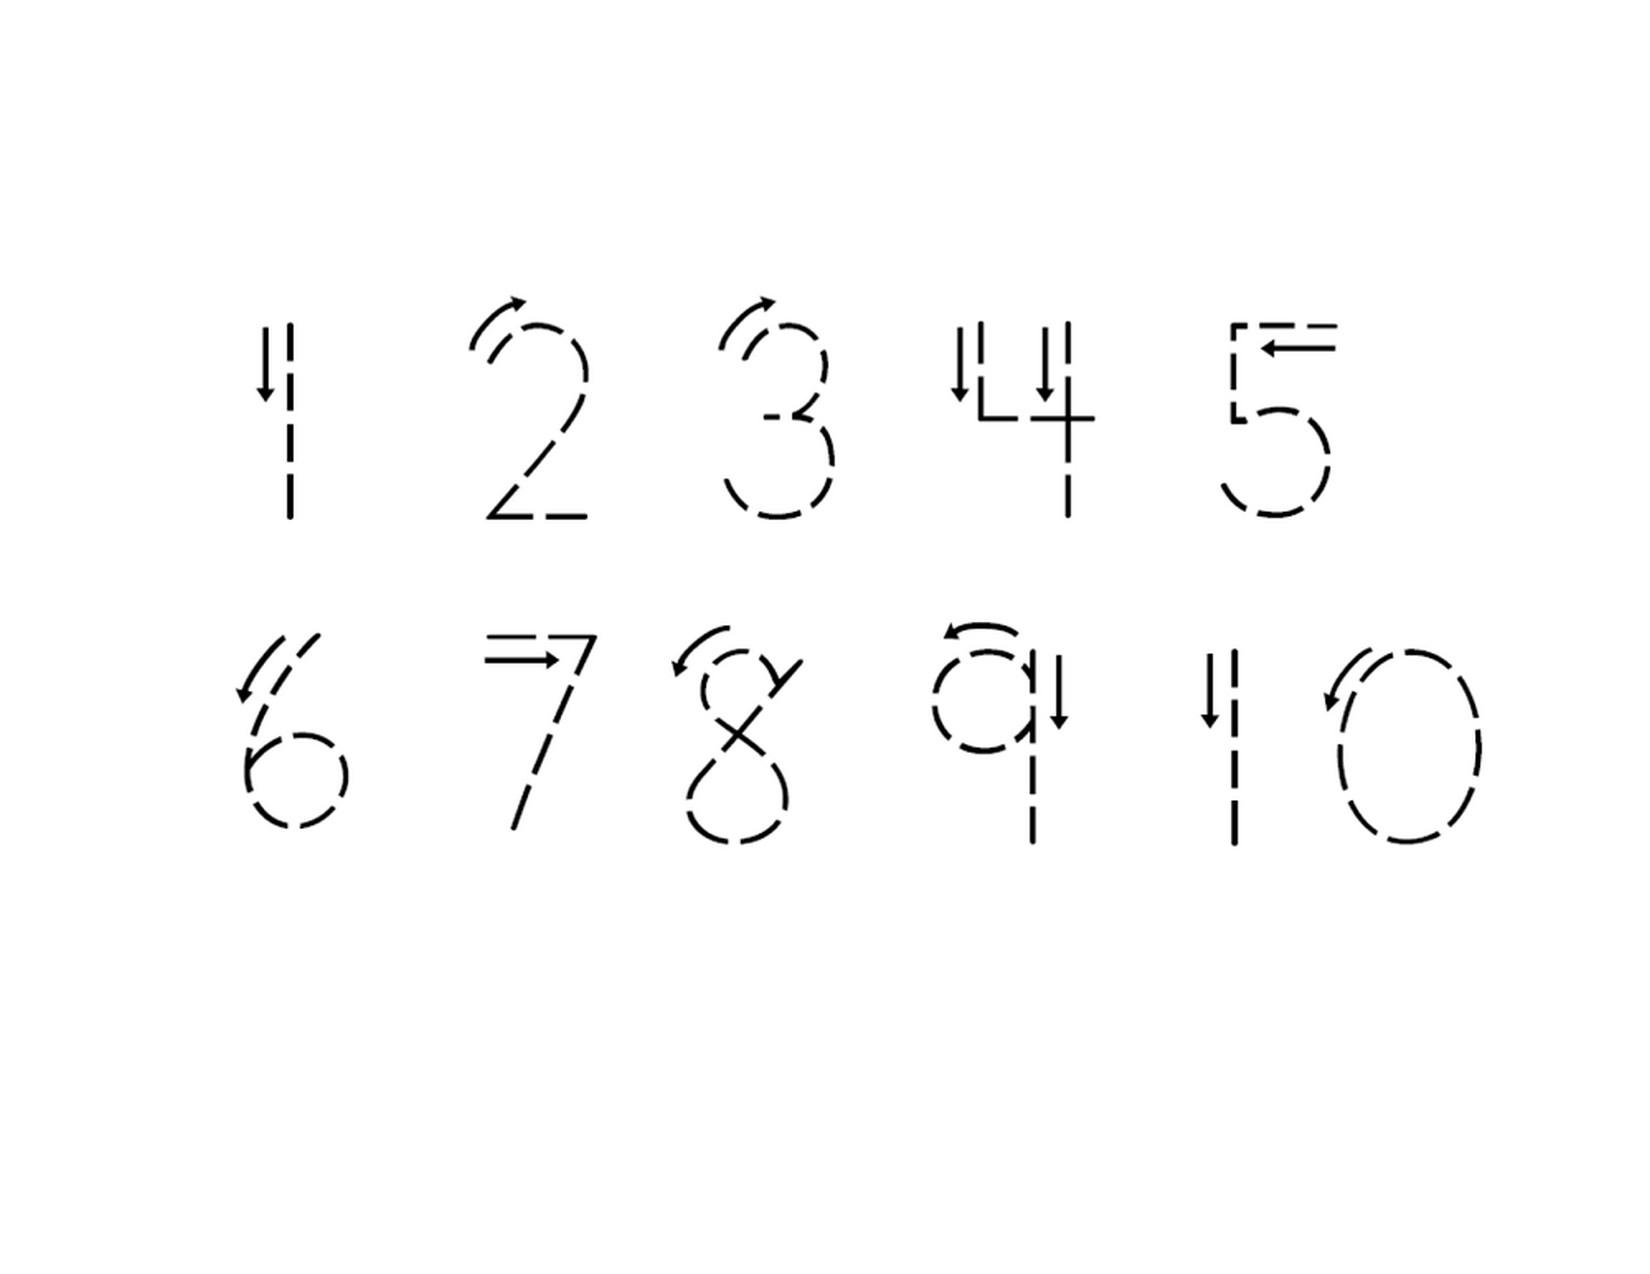 worksheet Number Tracing Worksheets 1-10 tracing numbers 1 10 worksheet learning printable easy